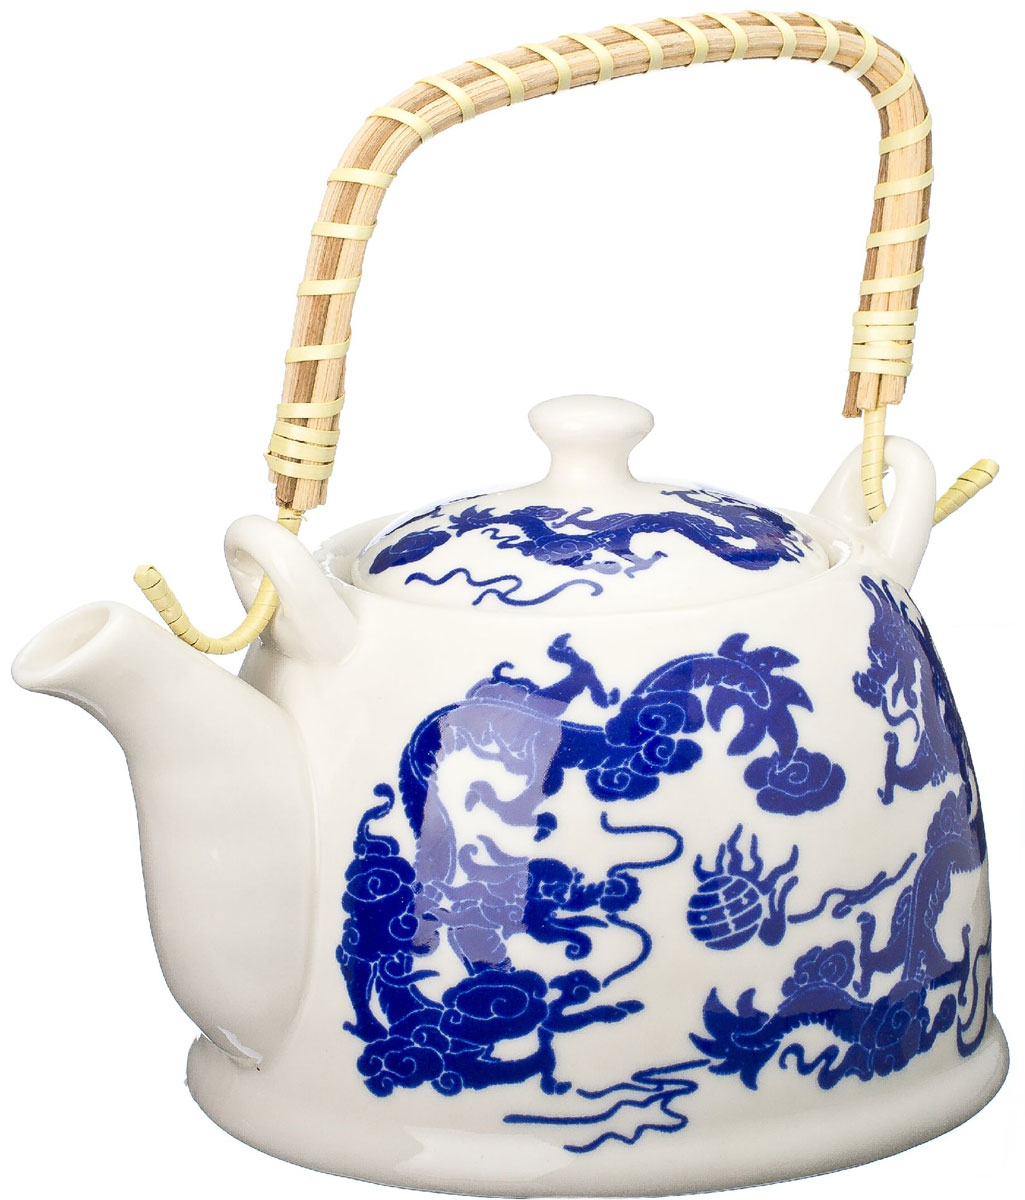 Чайник заварочный Vetta Синий дракон, с фильтром, 900 мл аюрведическое средство от простуды и ангины dabur madhuvaani honitus 150 г